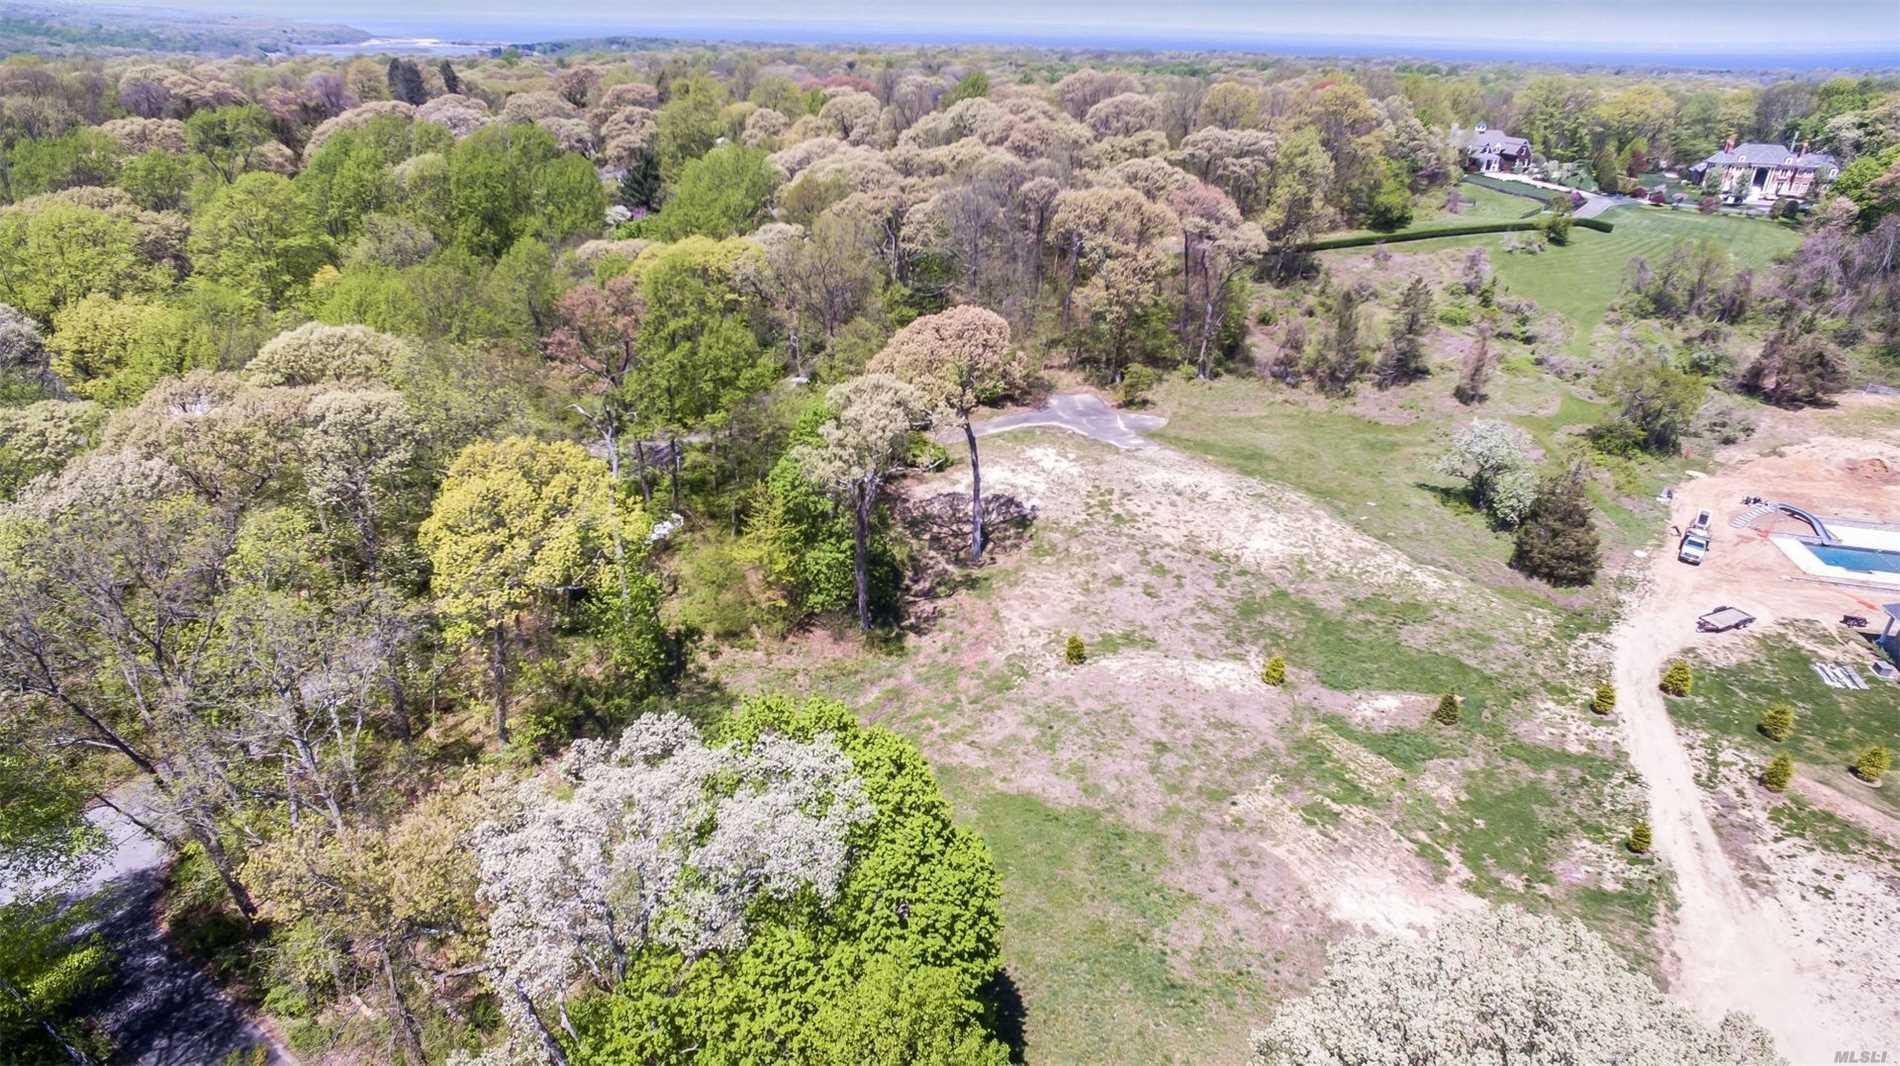 Photo of home for sale at 34 Branglebrink Rd, Nissequogue NY